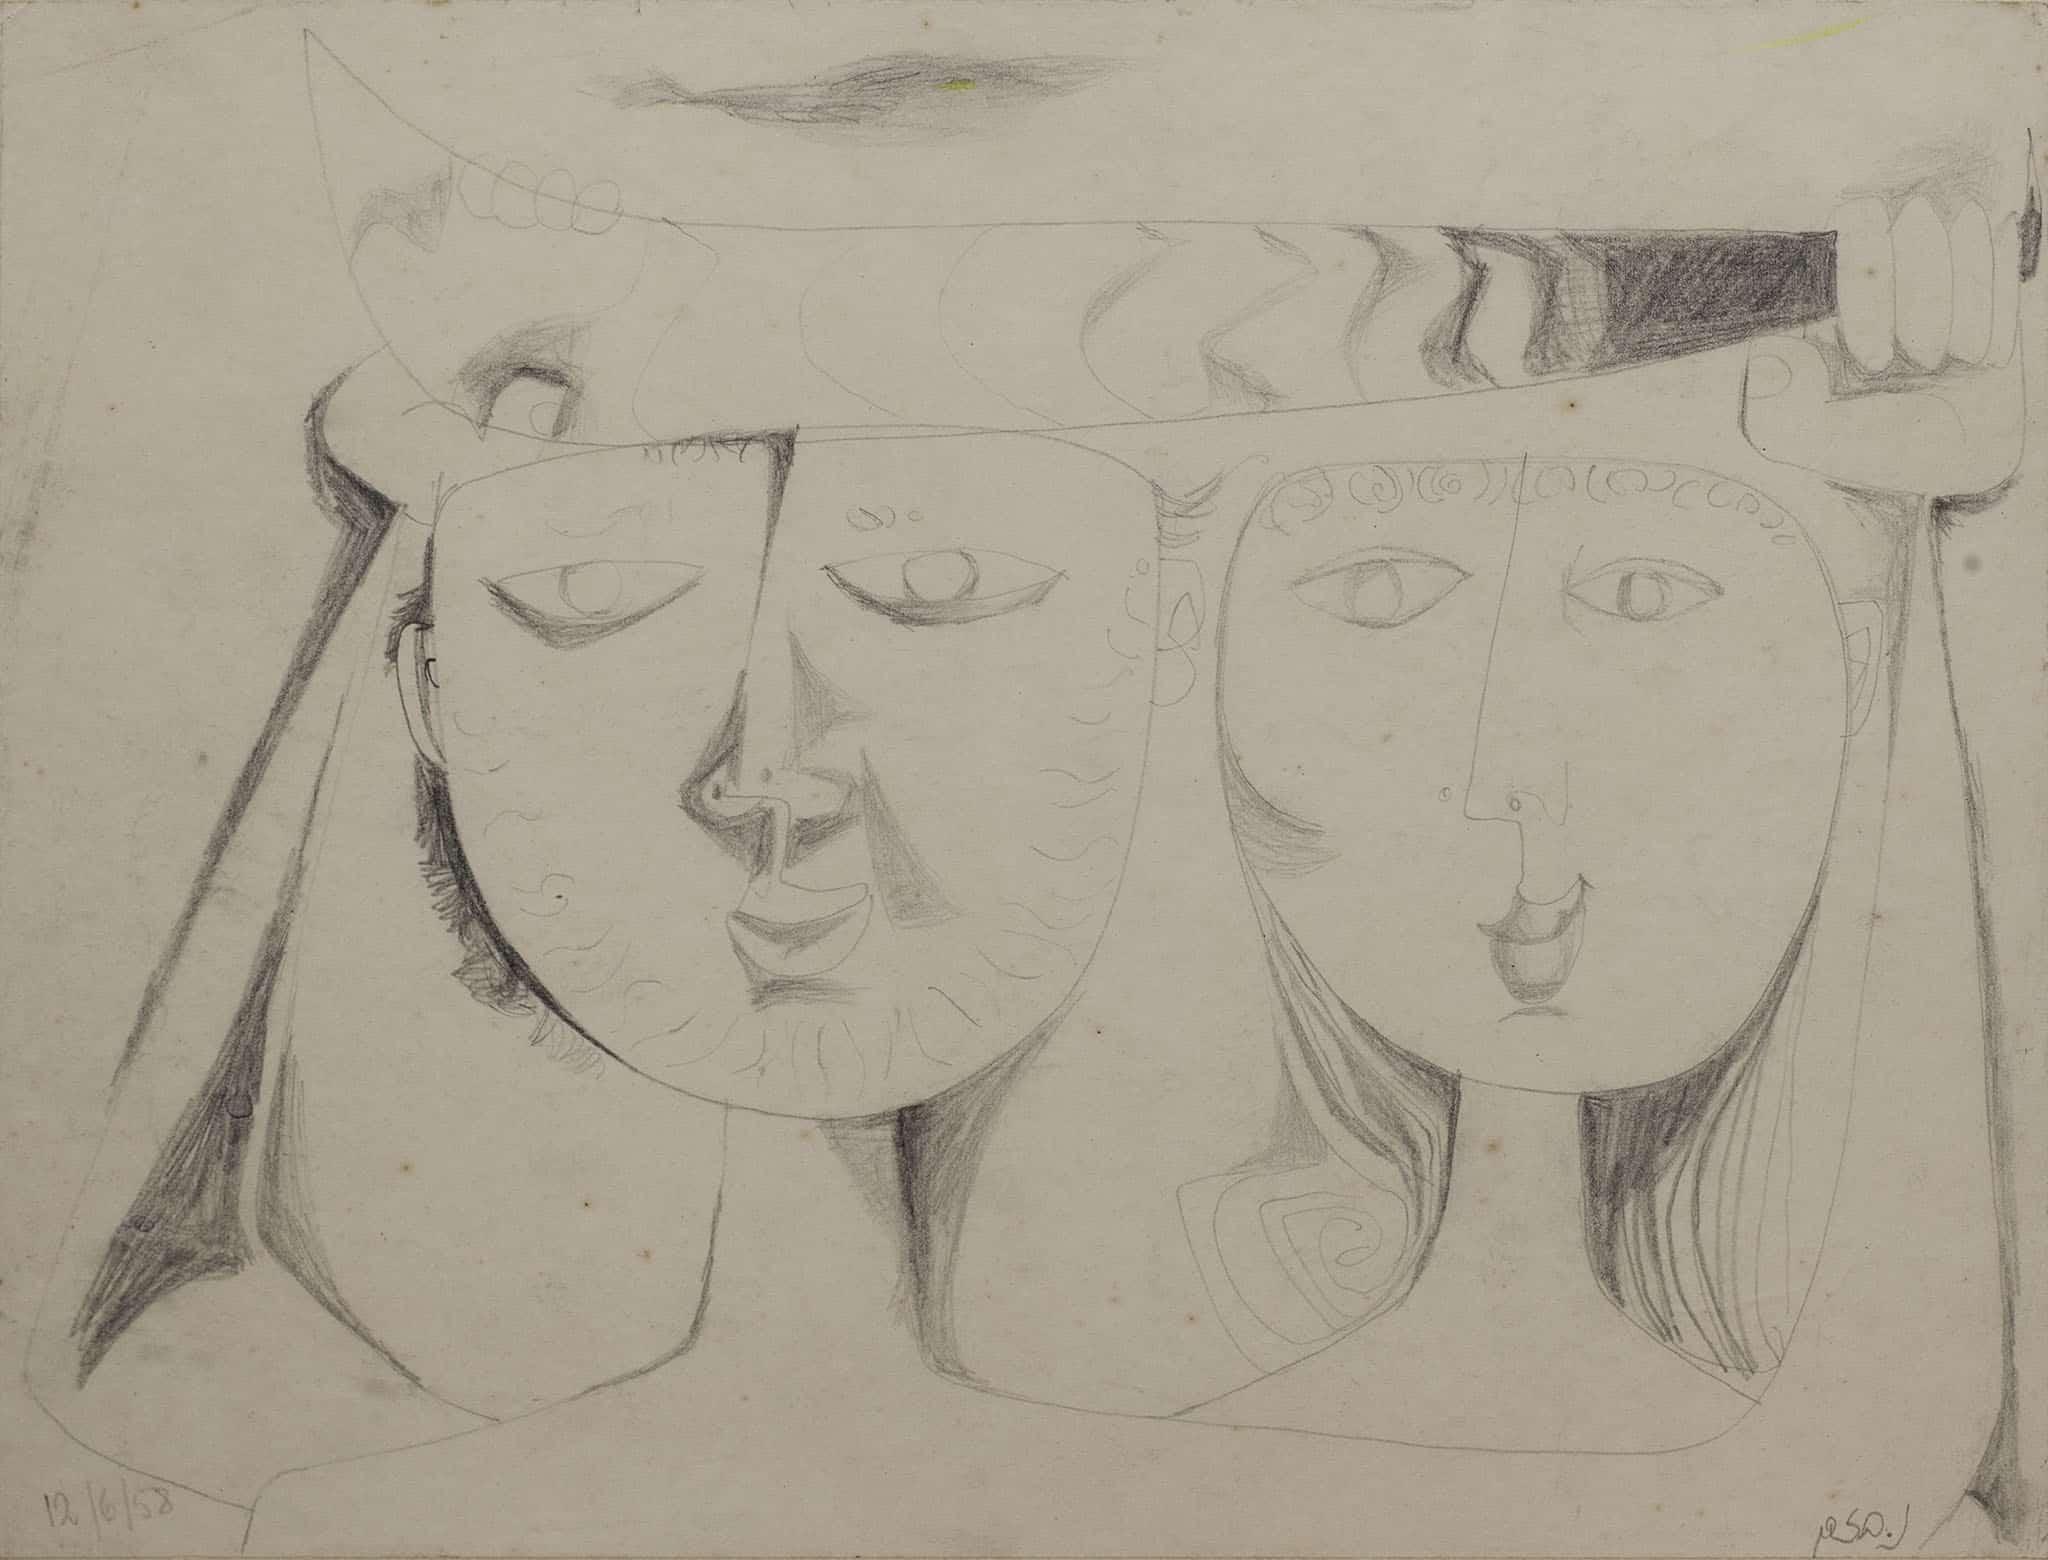 """נפתלי בזם, """"זוג אוהבים"""", 1958, עיפרון על נייר, 42x32 ס""""מ"""